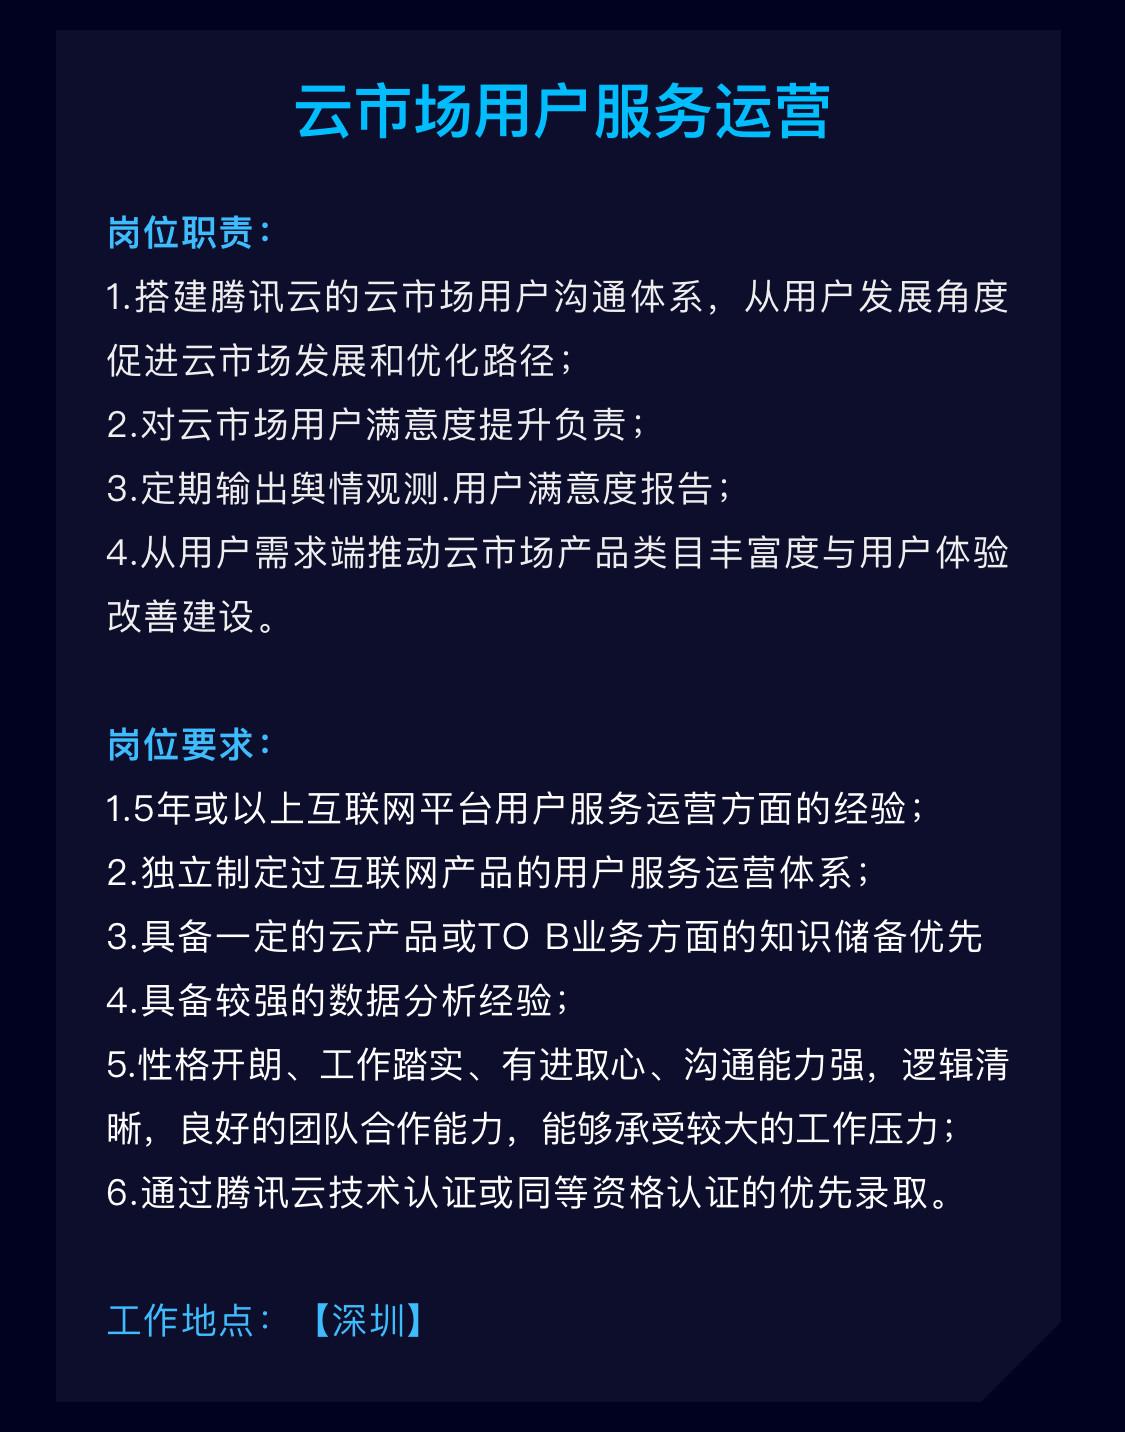 【就业机会】腾讯云三大产品联合招聘进行中,海量岗位等你pick!